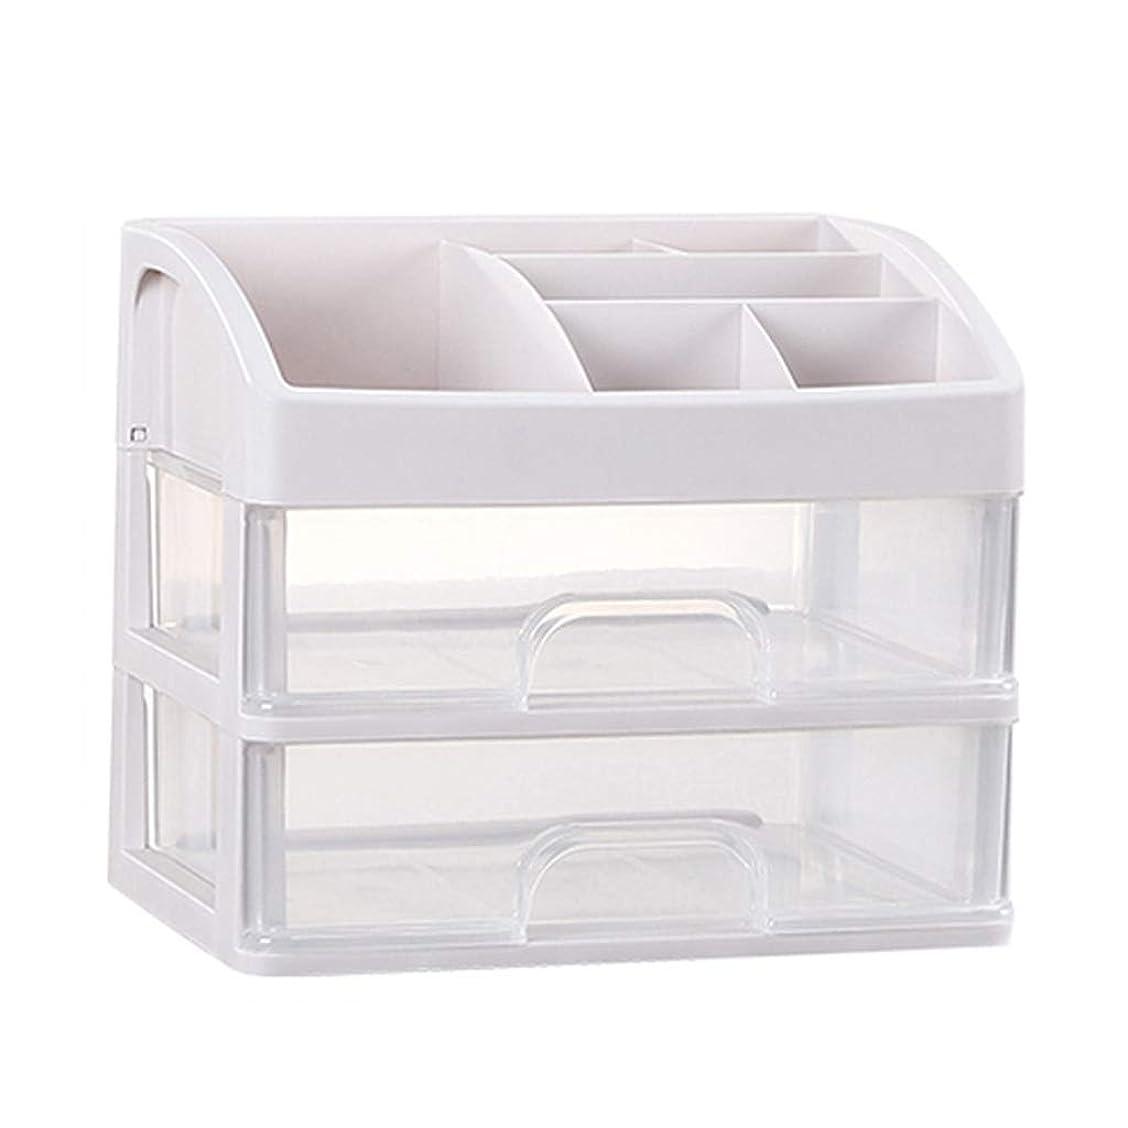 溶かす洞察力適合KKY-ENTER プラスチックシンプル化粧品収納ボックス透明引き出しタイプ口紅ジュエリースキンケア製品収納ディスプレイボックス (サイズ さいず : 23.3*17*20.2cm)